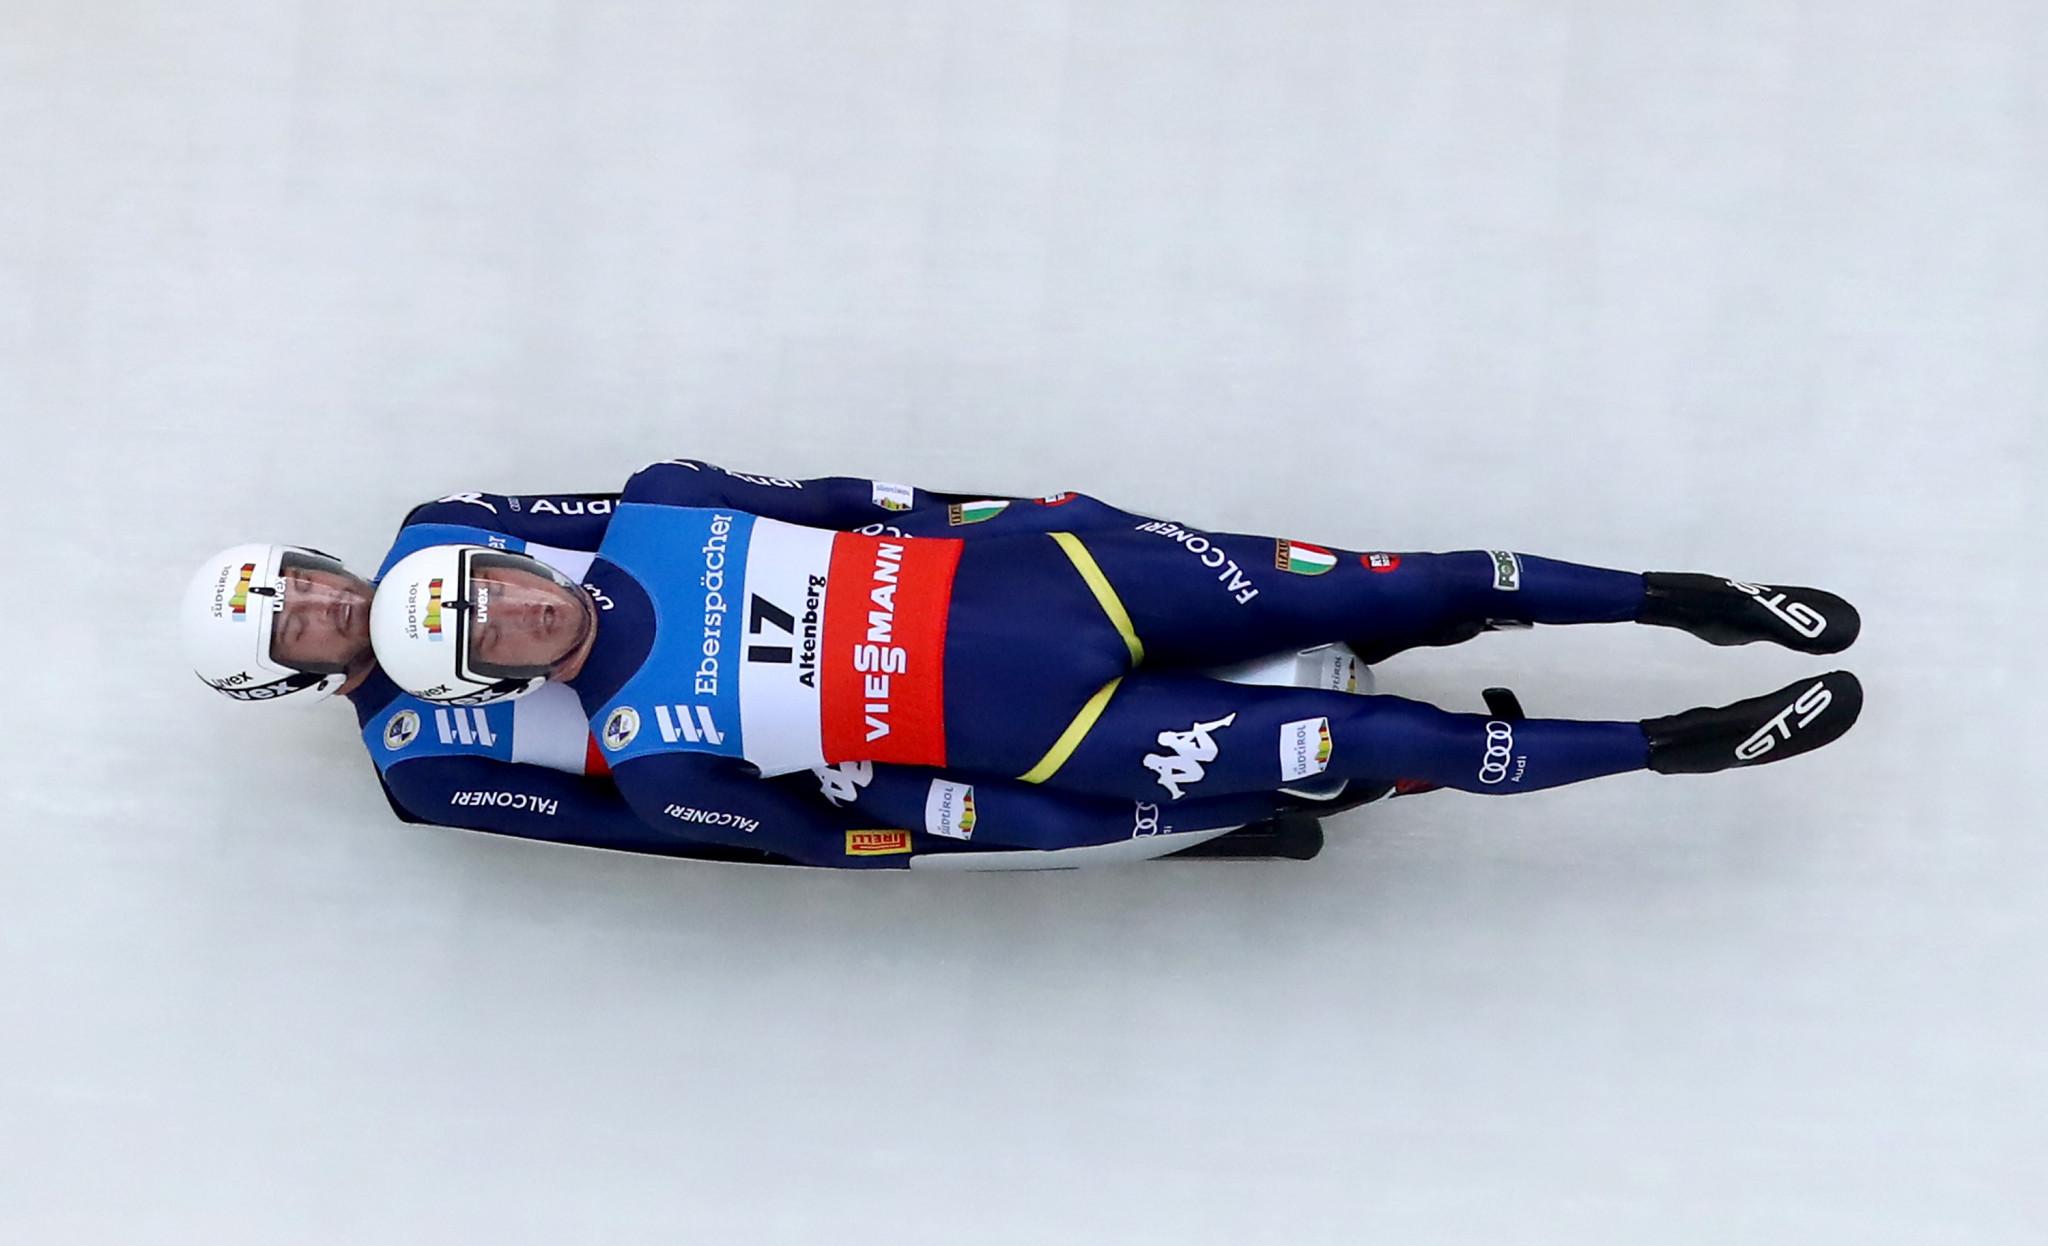 La squadra di doppio composta da Ludwig Rieder e Patrick Rastner è tra coloro che sperano di correre alle terze Olimpiadi invernali © Getty Images